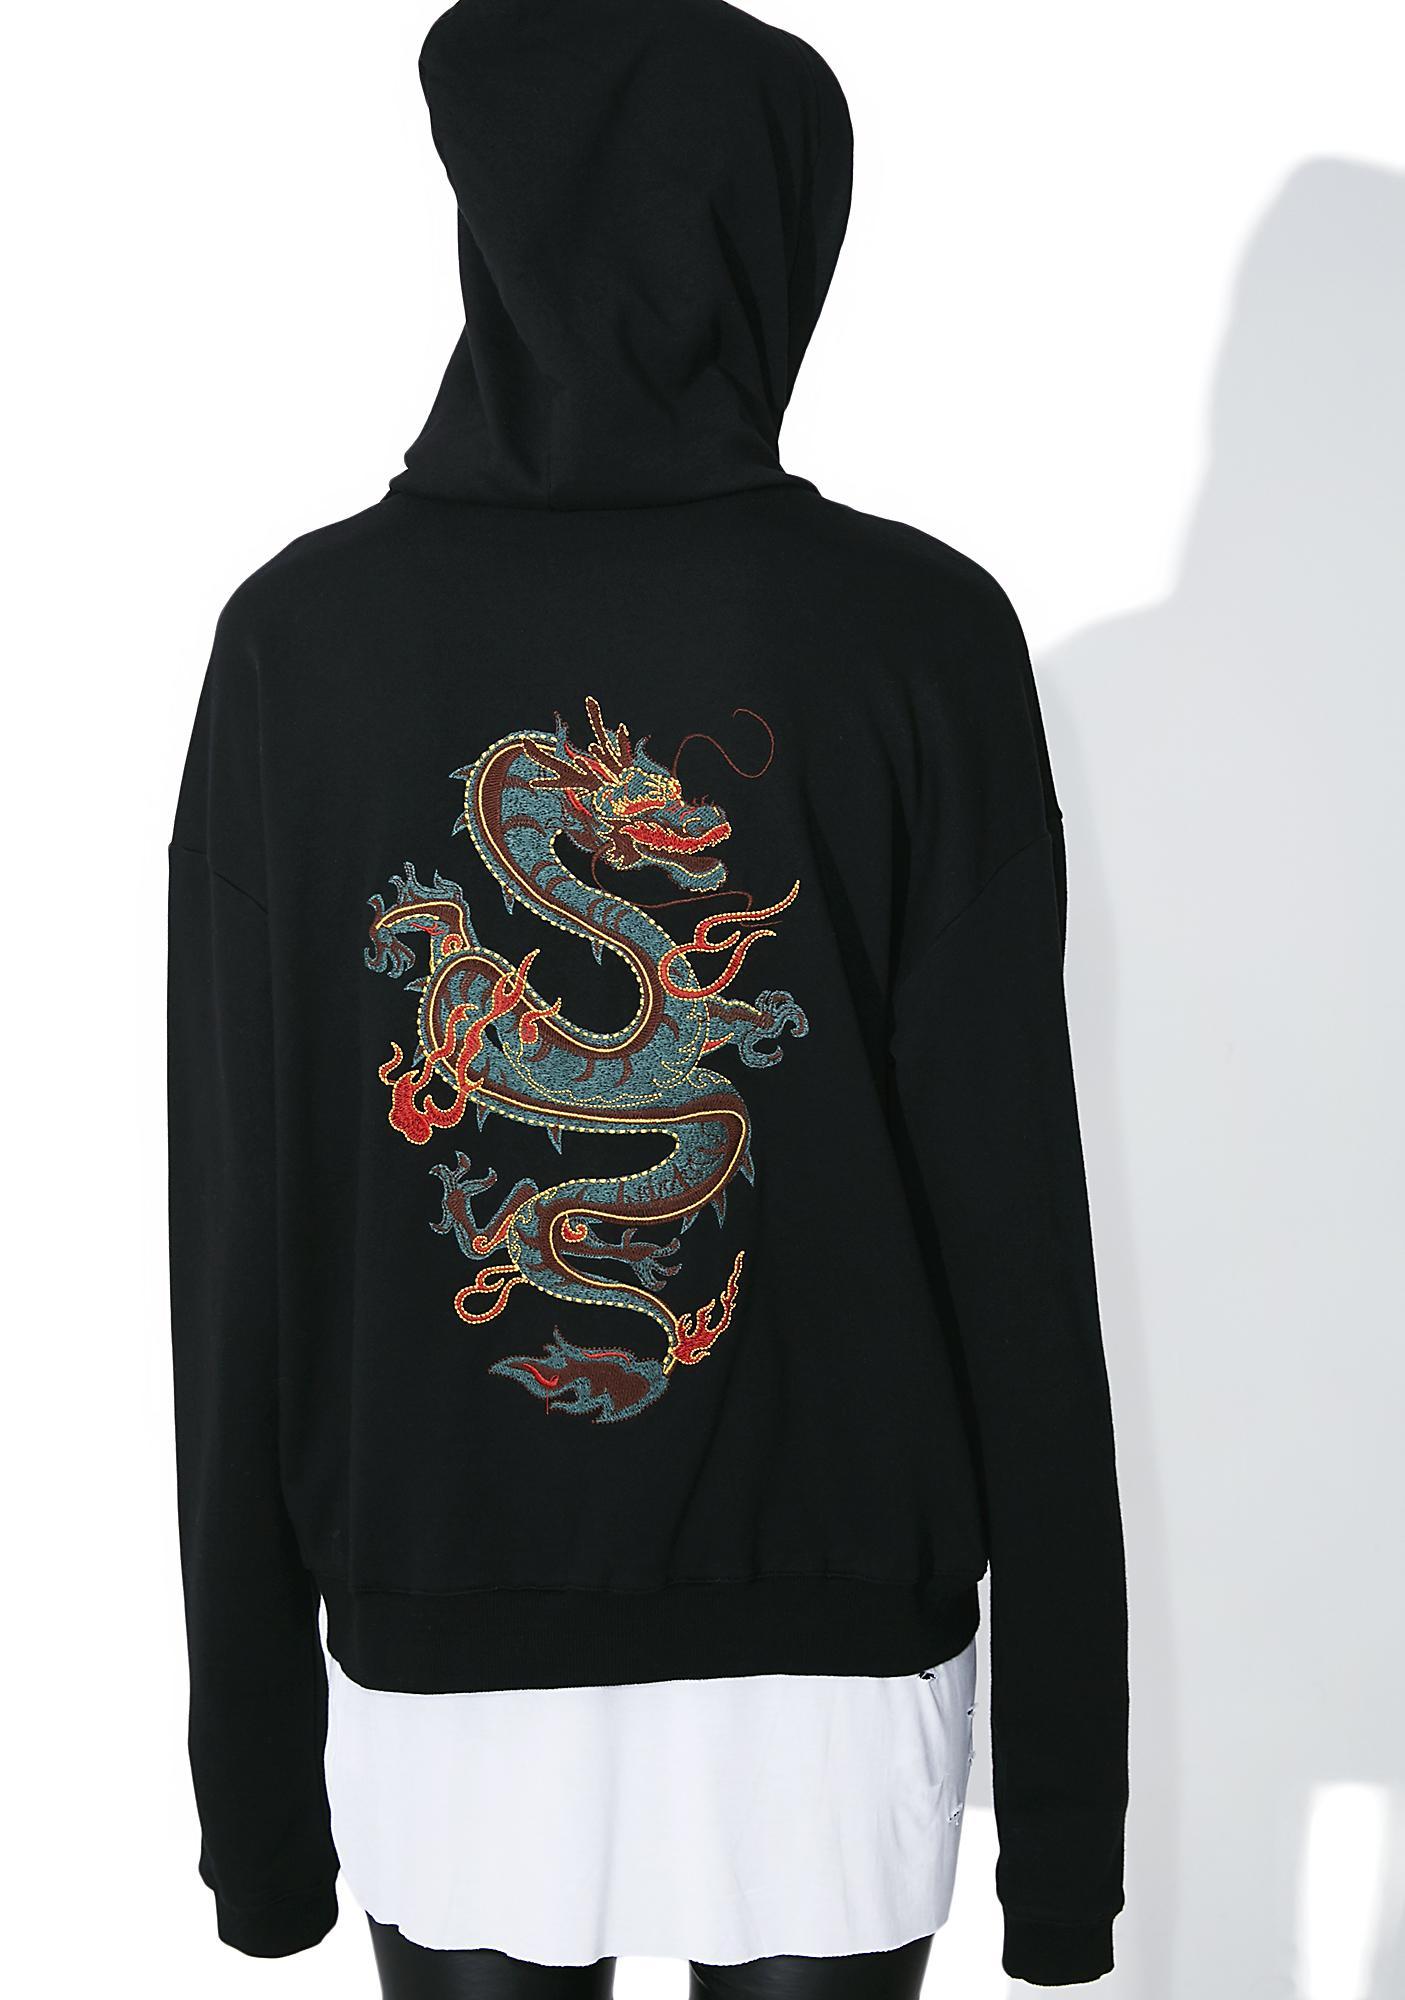 Firebreather Zip-Up Hoodie